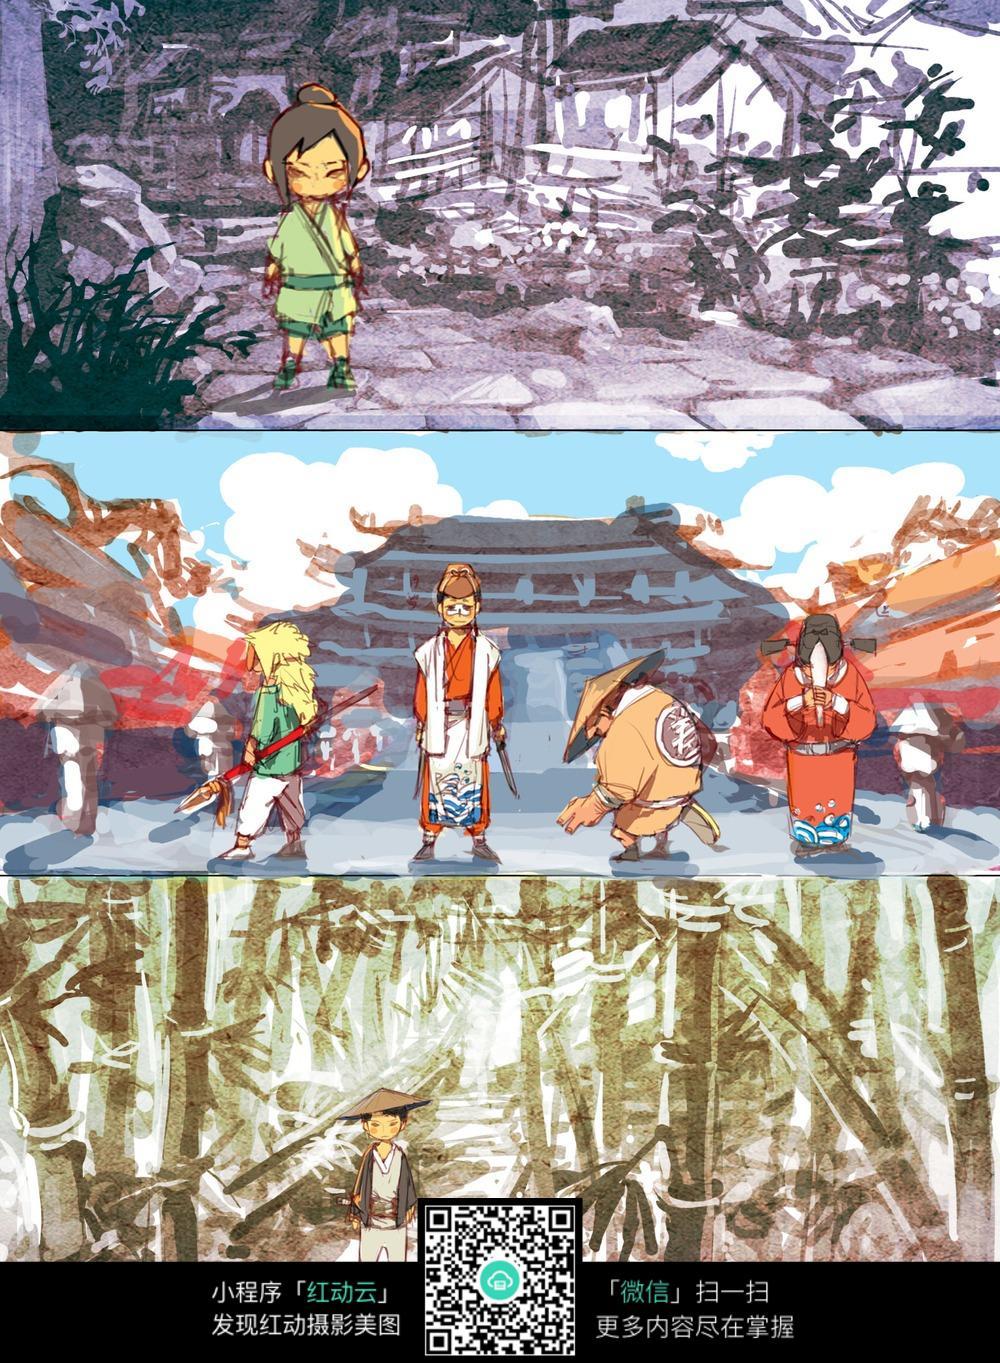 卡通人物场景画手绘上色稿